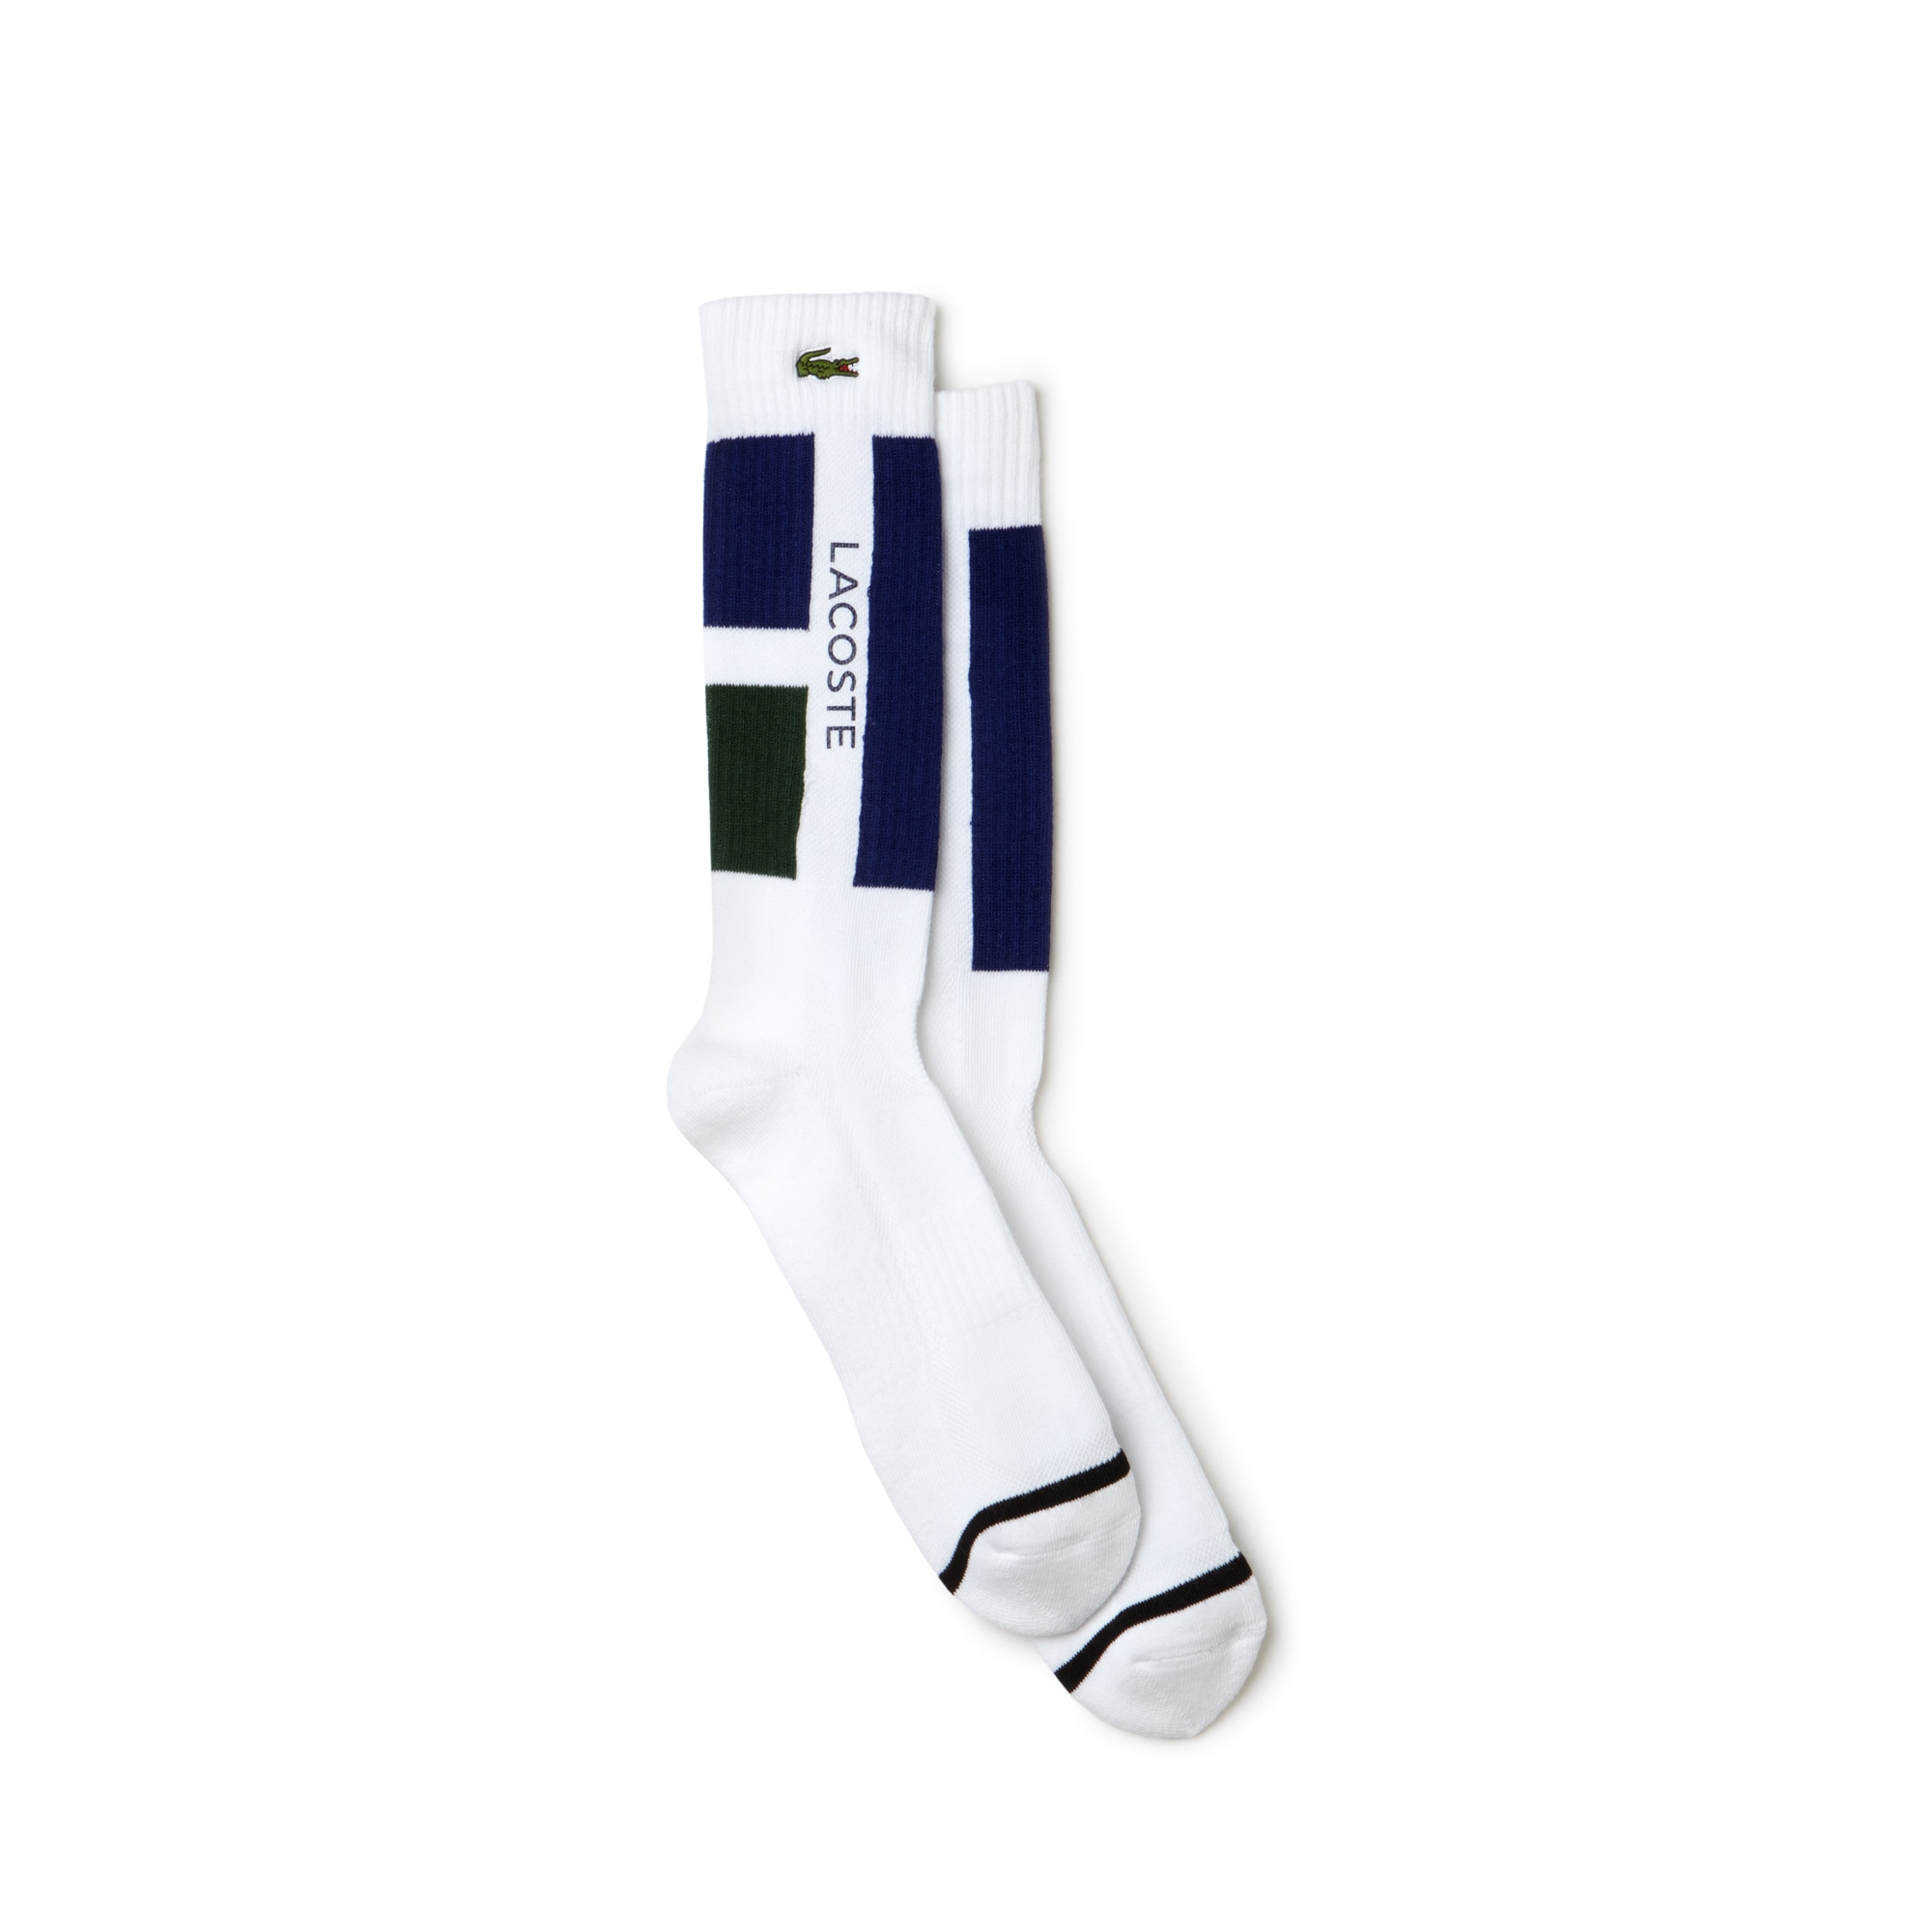 Chaussettes Tennis Lacoste SPORT en jersey color block